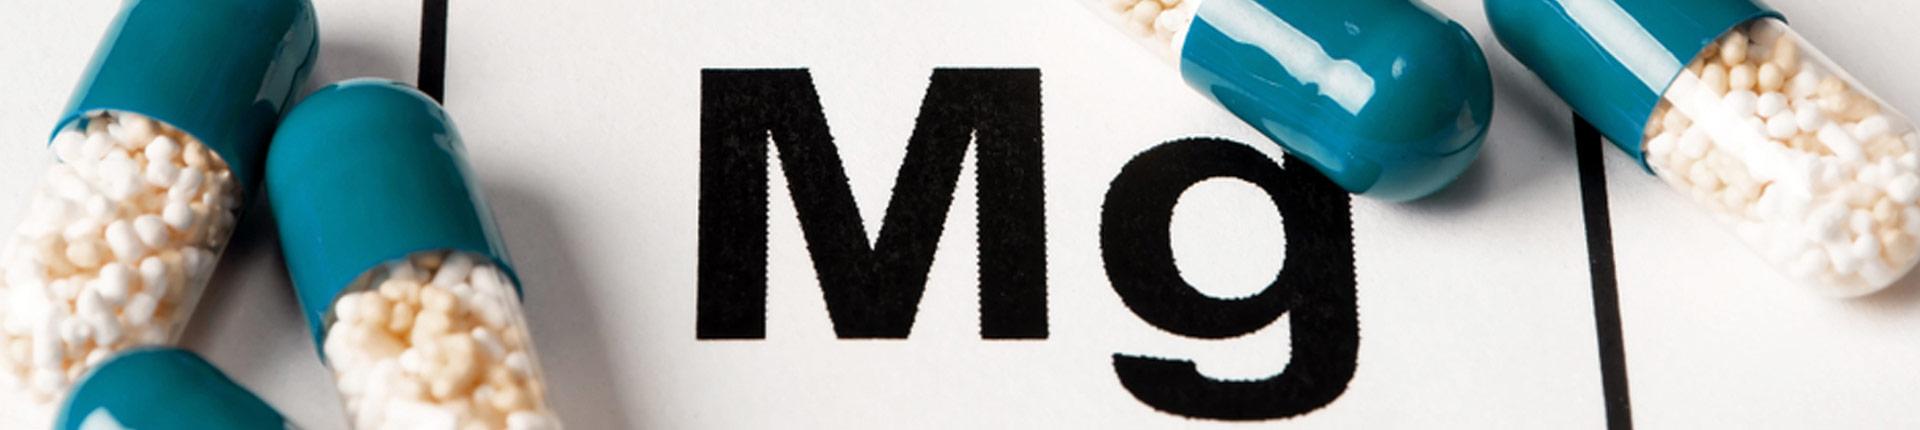 Korzyści z suplementacji magnezem. Dlaczego warto brać magnez?